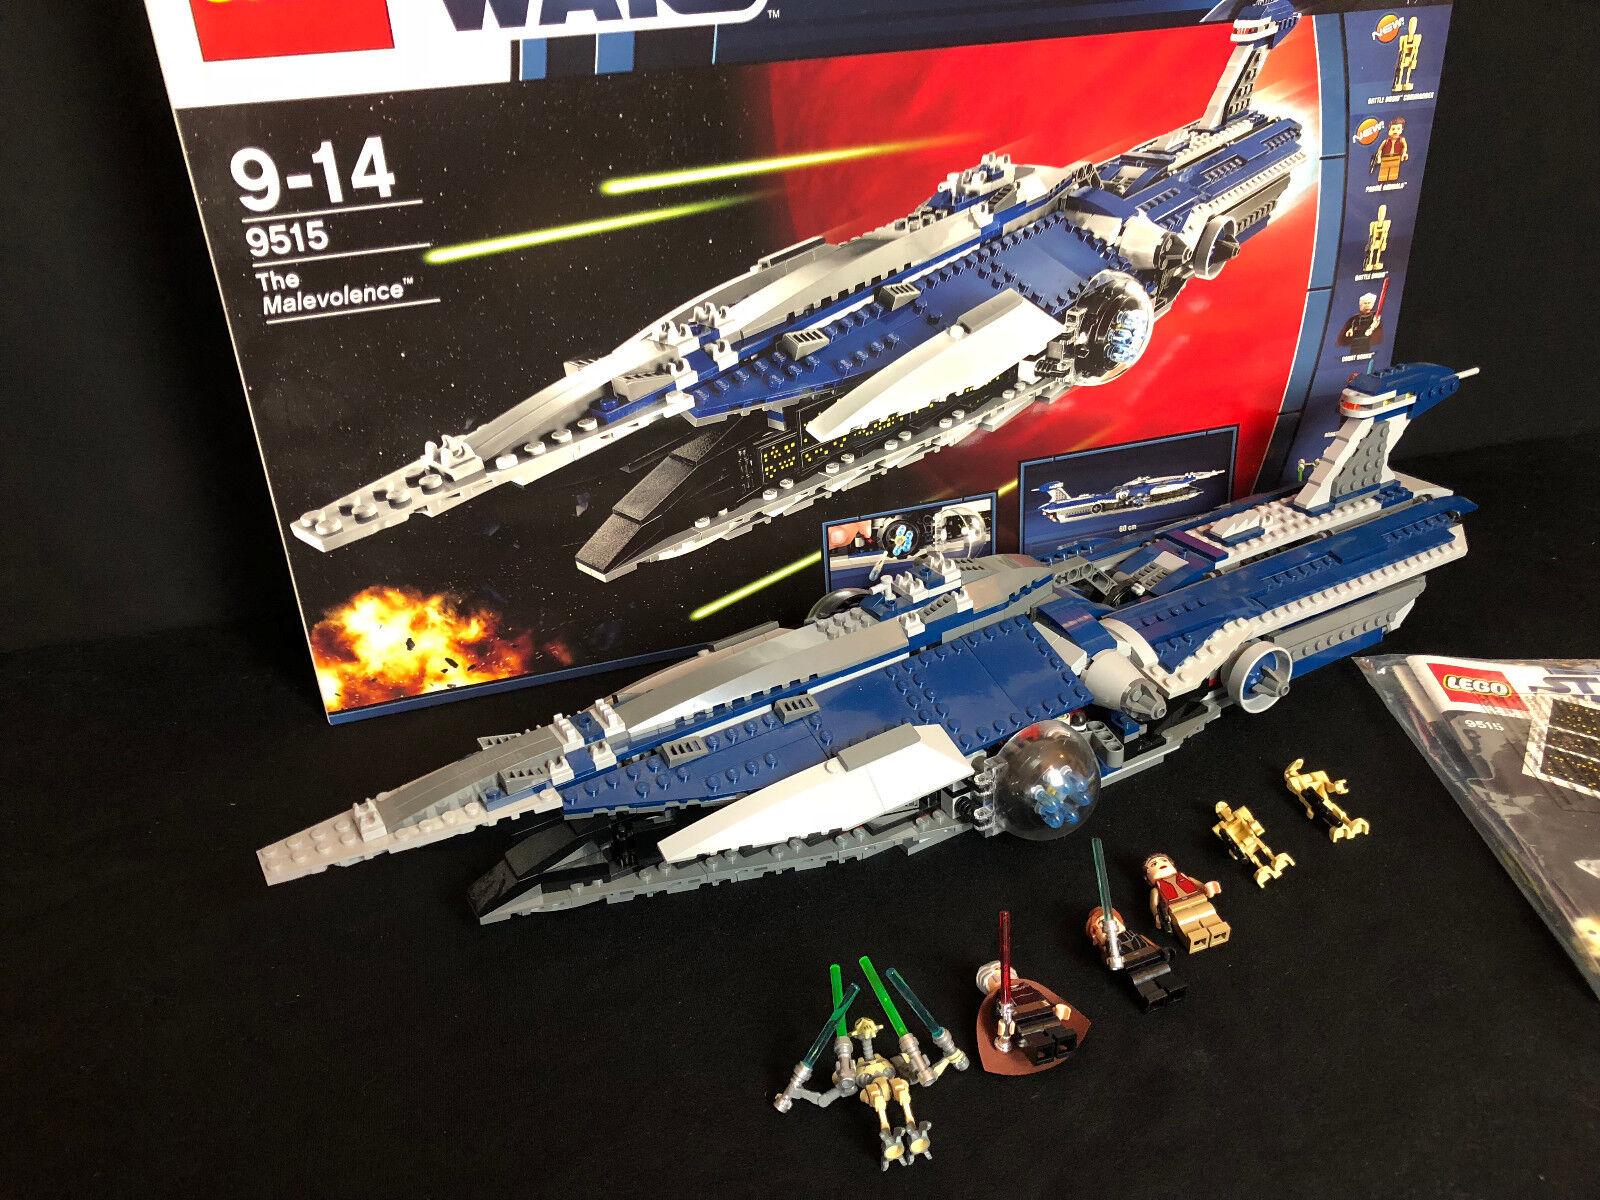 LEGO ® 9515 estrella guerras  ™ THE MALEVOLENCE con il Generale Grievous PERSONAGGIO CON SCATOLA E BA  Spedizione gratuita per tutti gli ordini